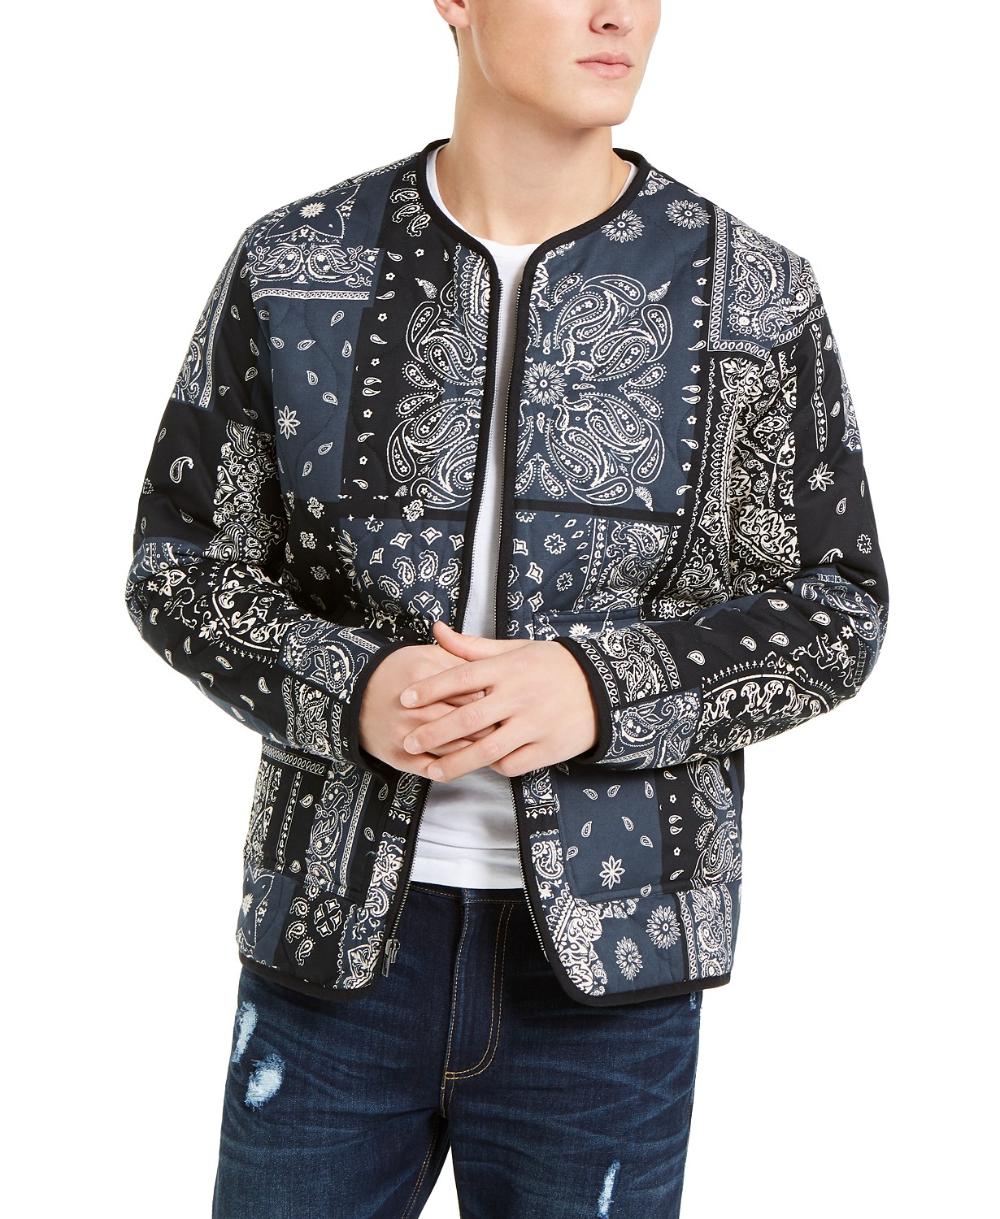 Sun Stone Men S Bandana Print Jacket Created For Macy S Reviews Coats Jackets Men Macy S Bandana Print Print Jacket Jackets [ 1219 x 1000 Pixel ]